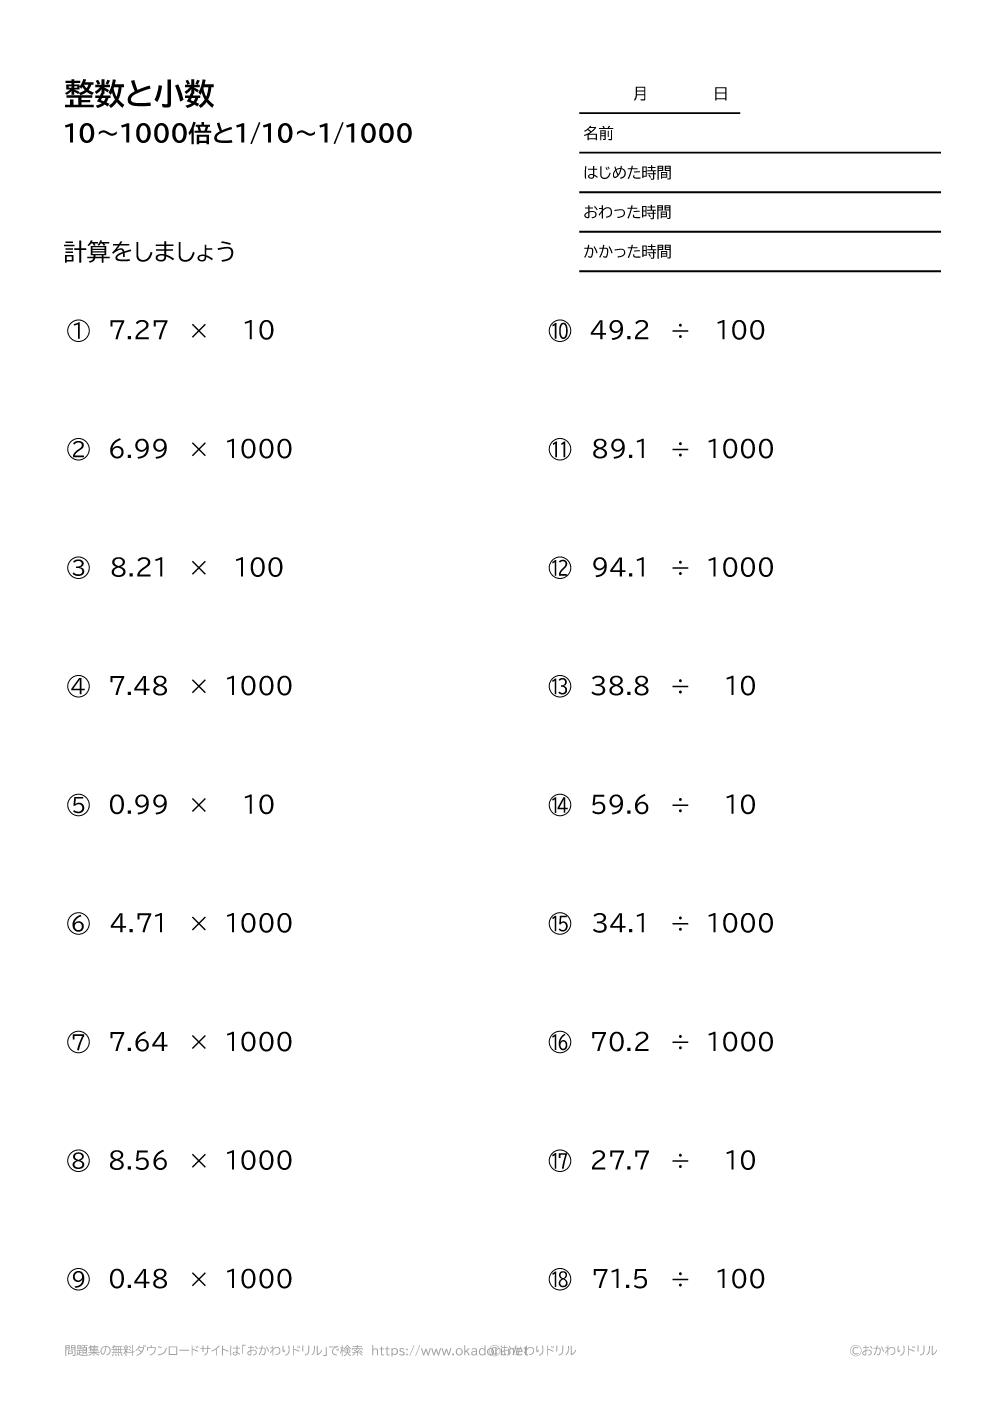 整数と小数-小数の位と小数点の位置-6